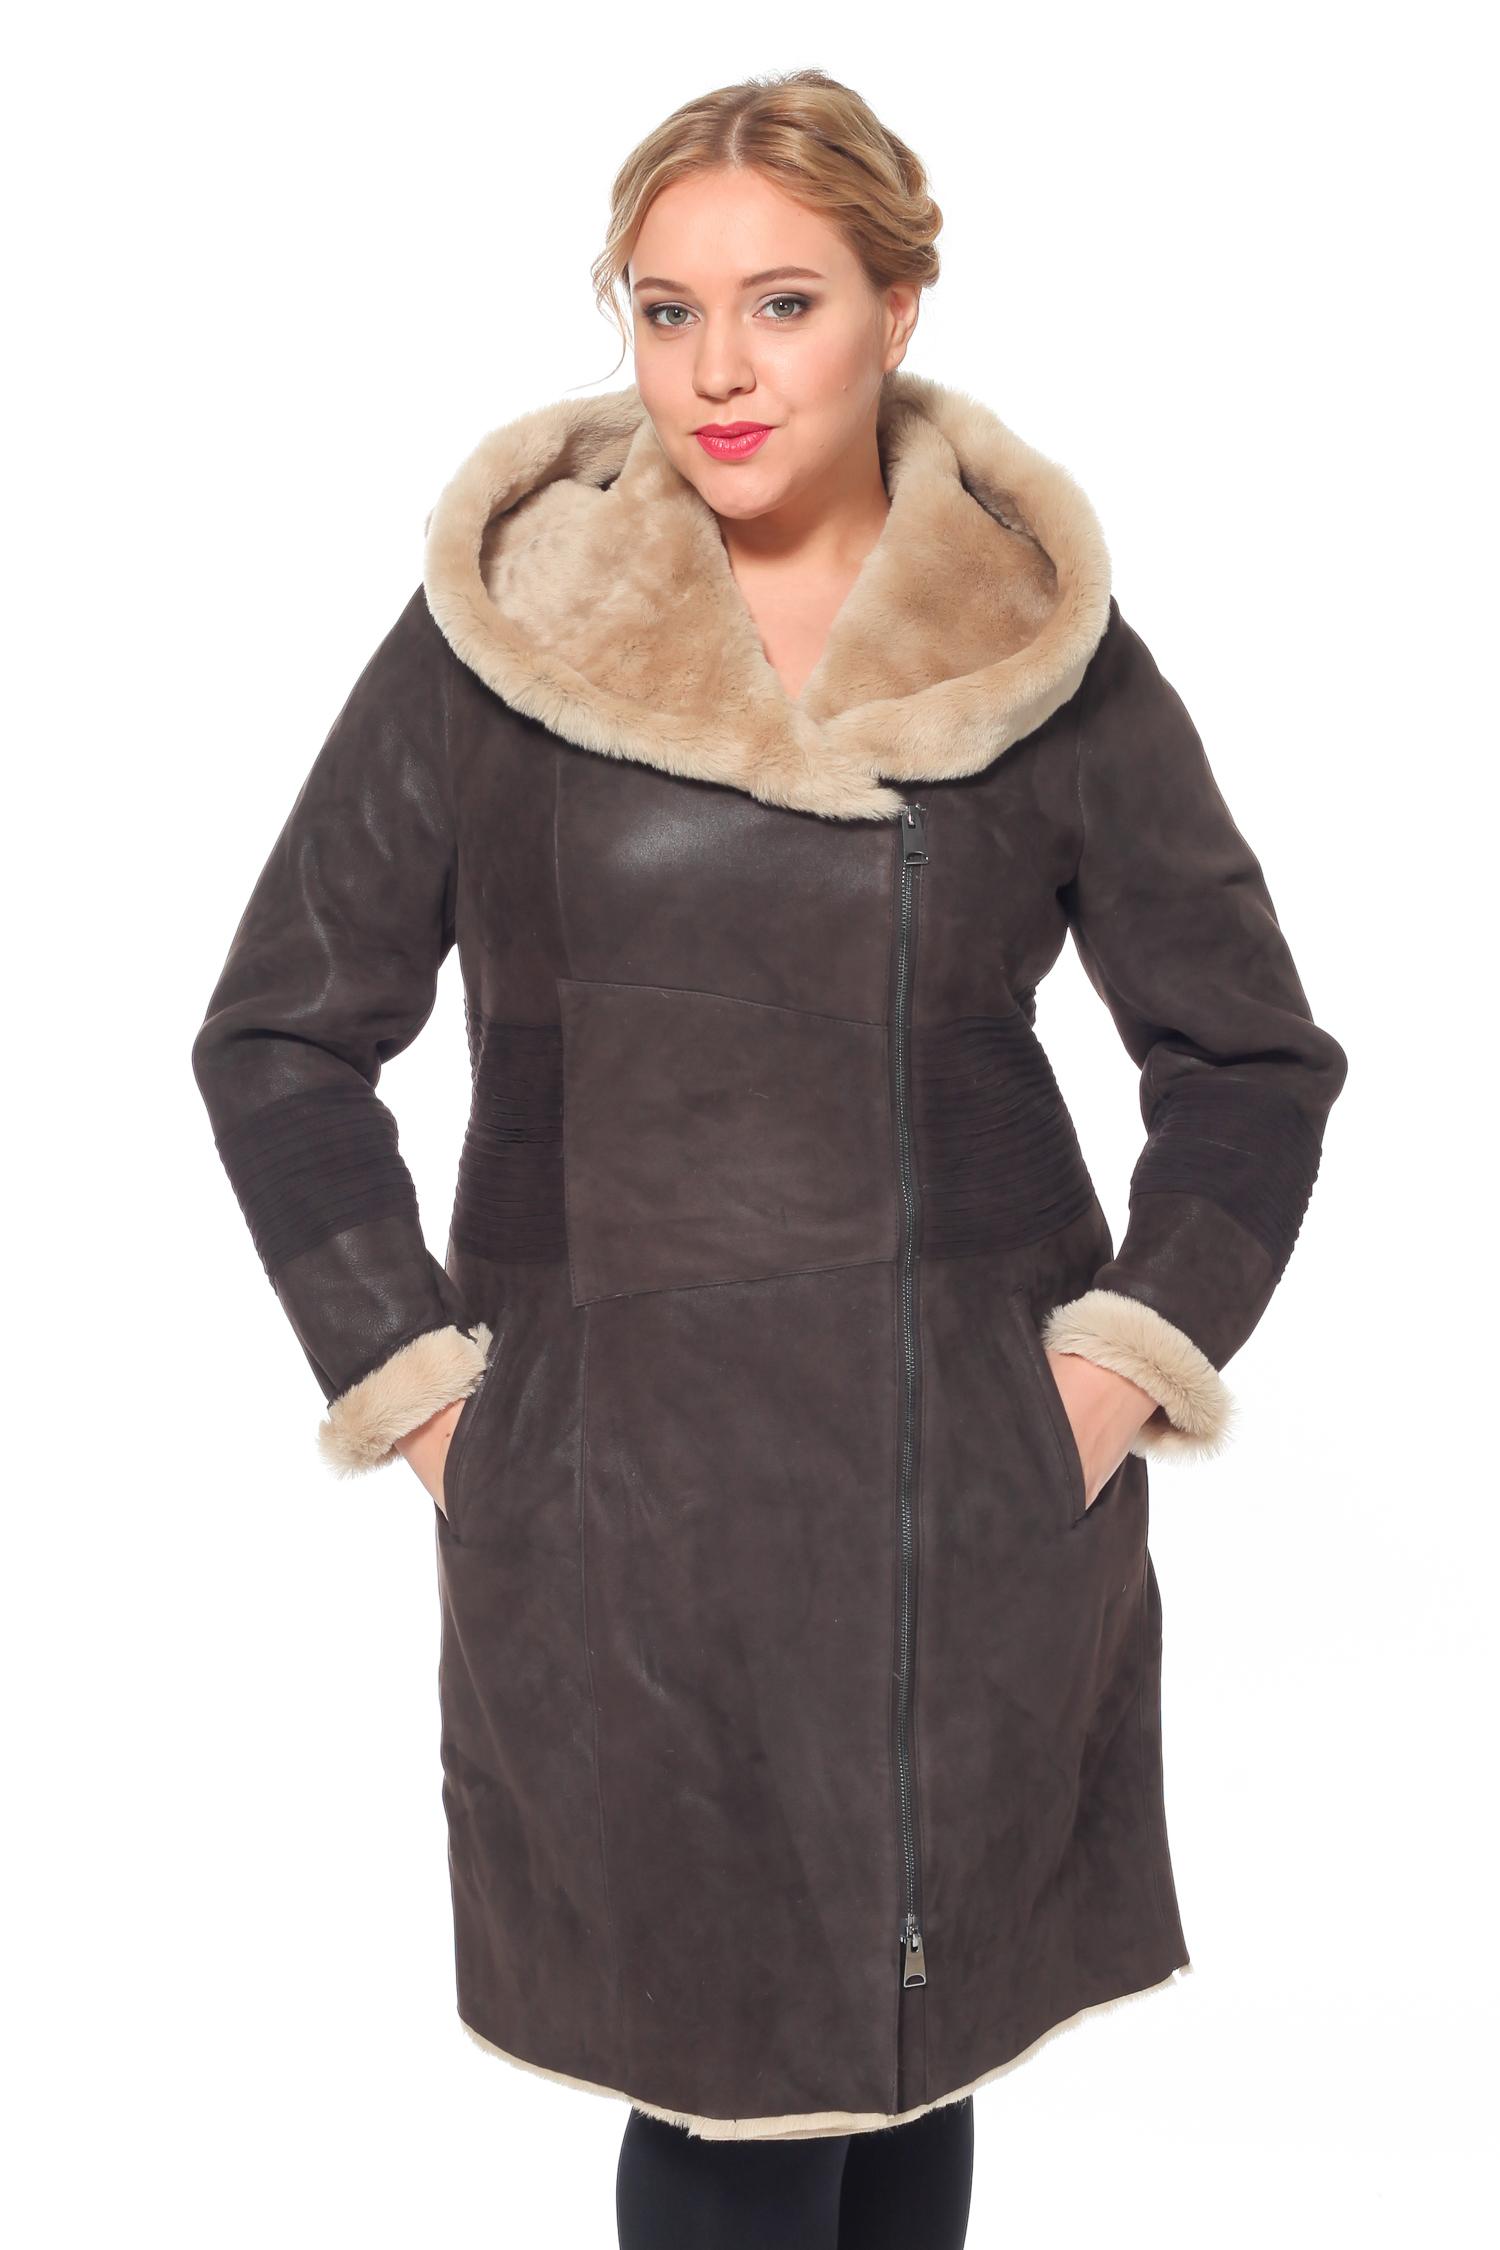 Женский джемпер с капюшоном доставка